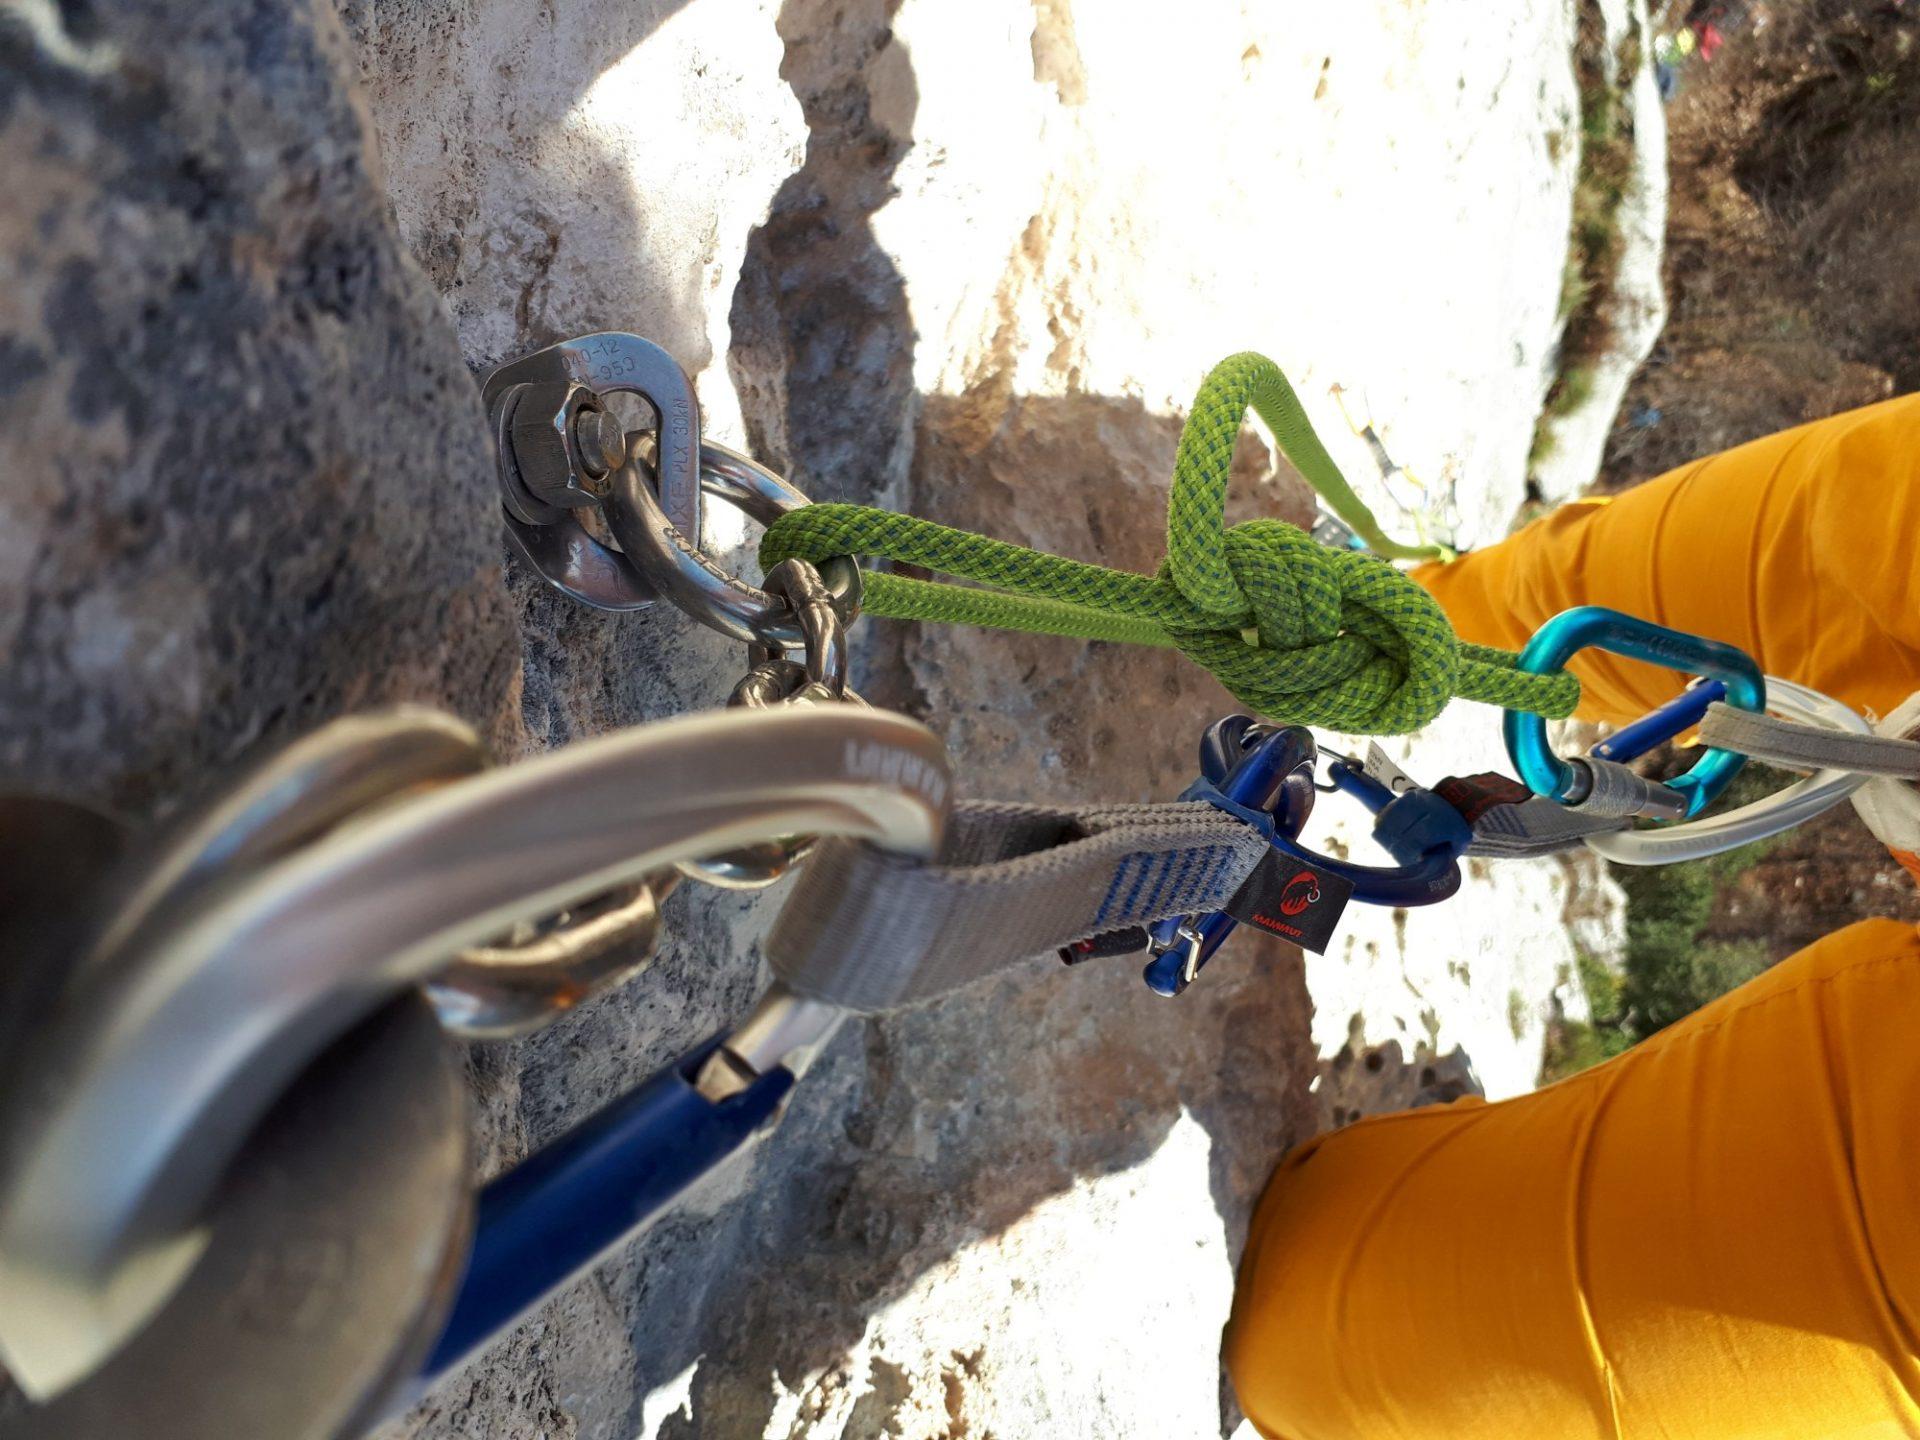 Bergsteigertipp: Sicher Umfädeln